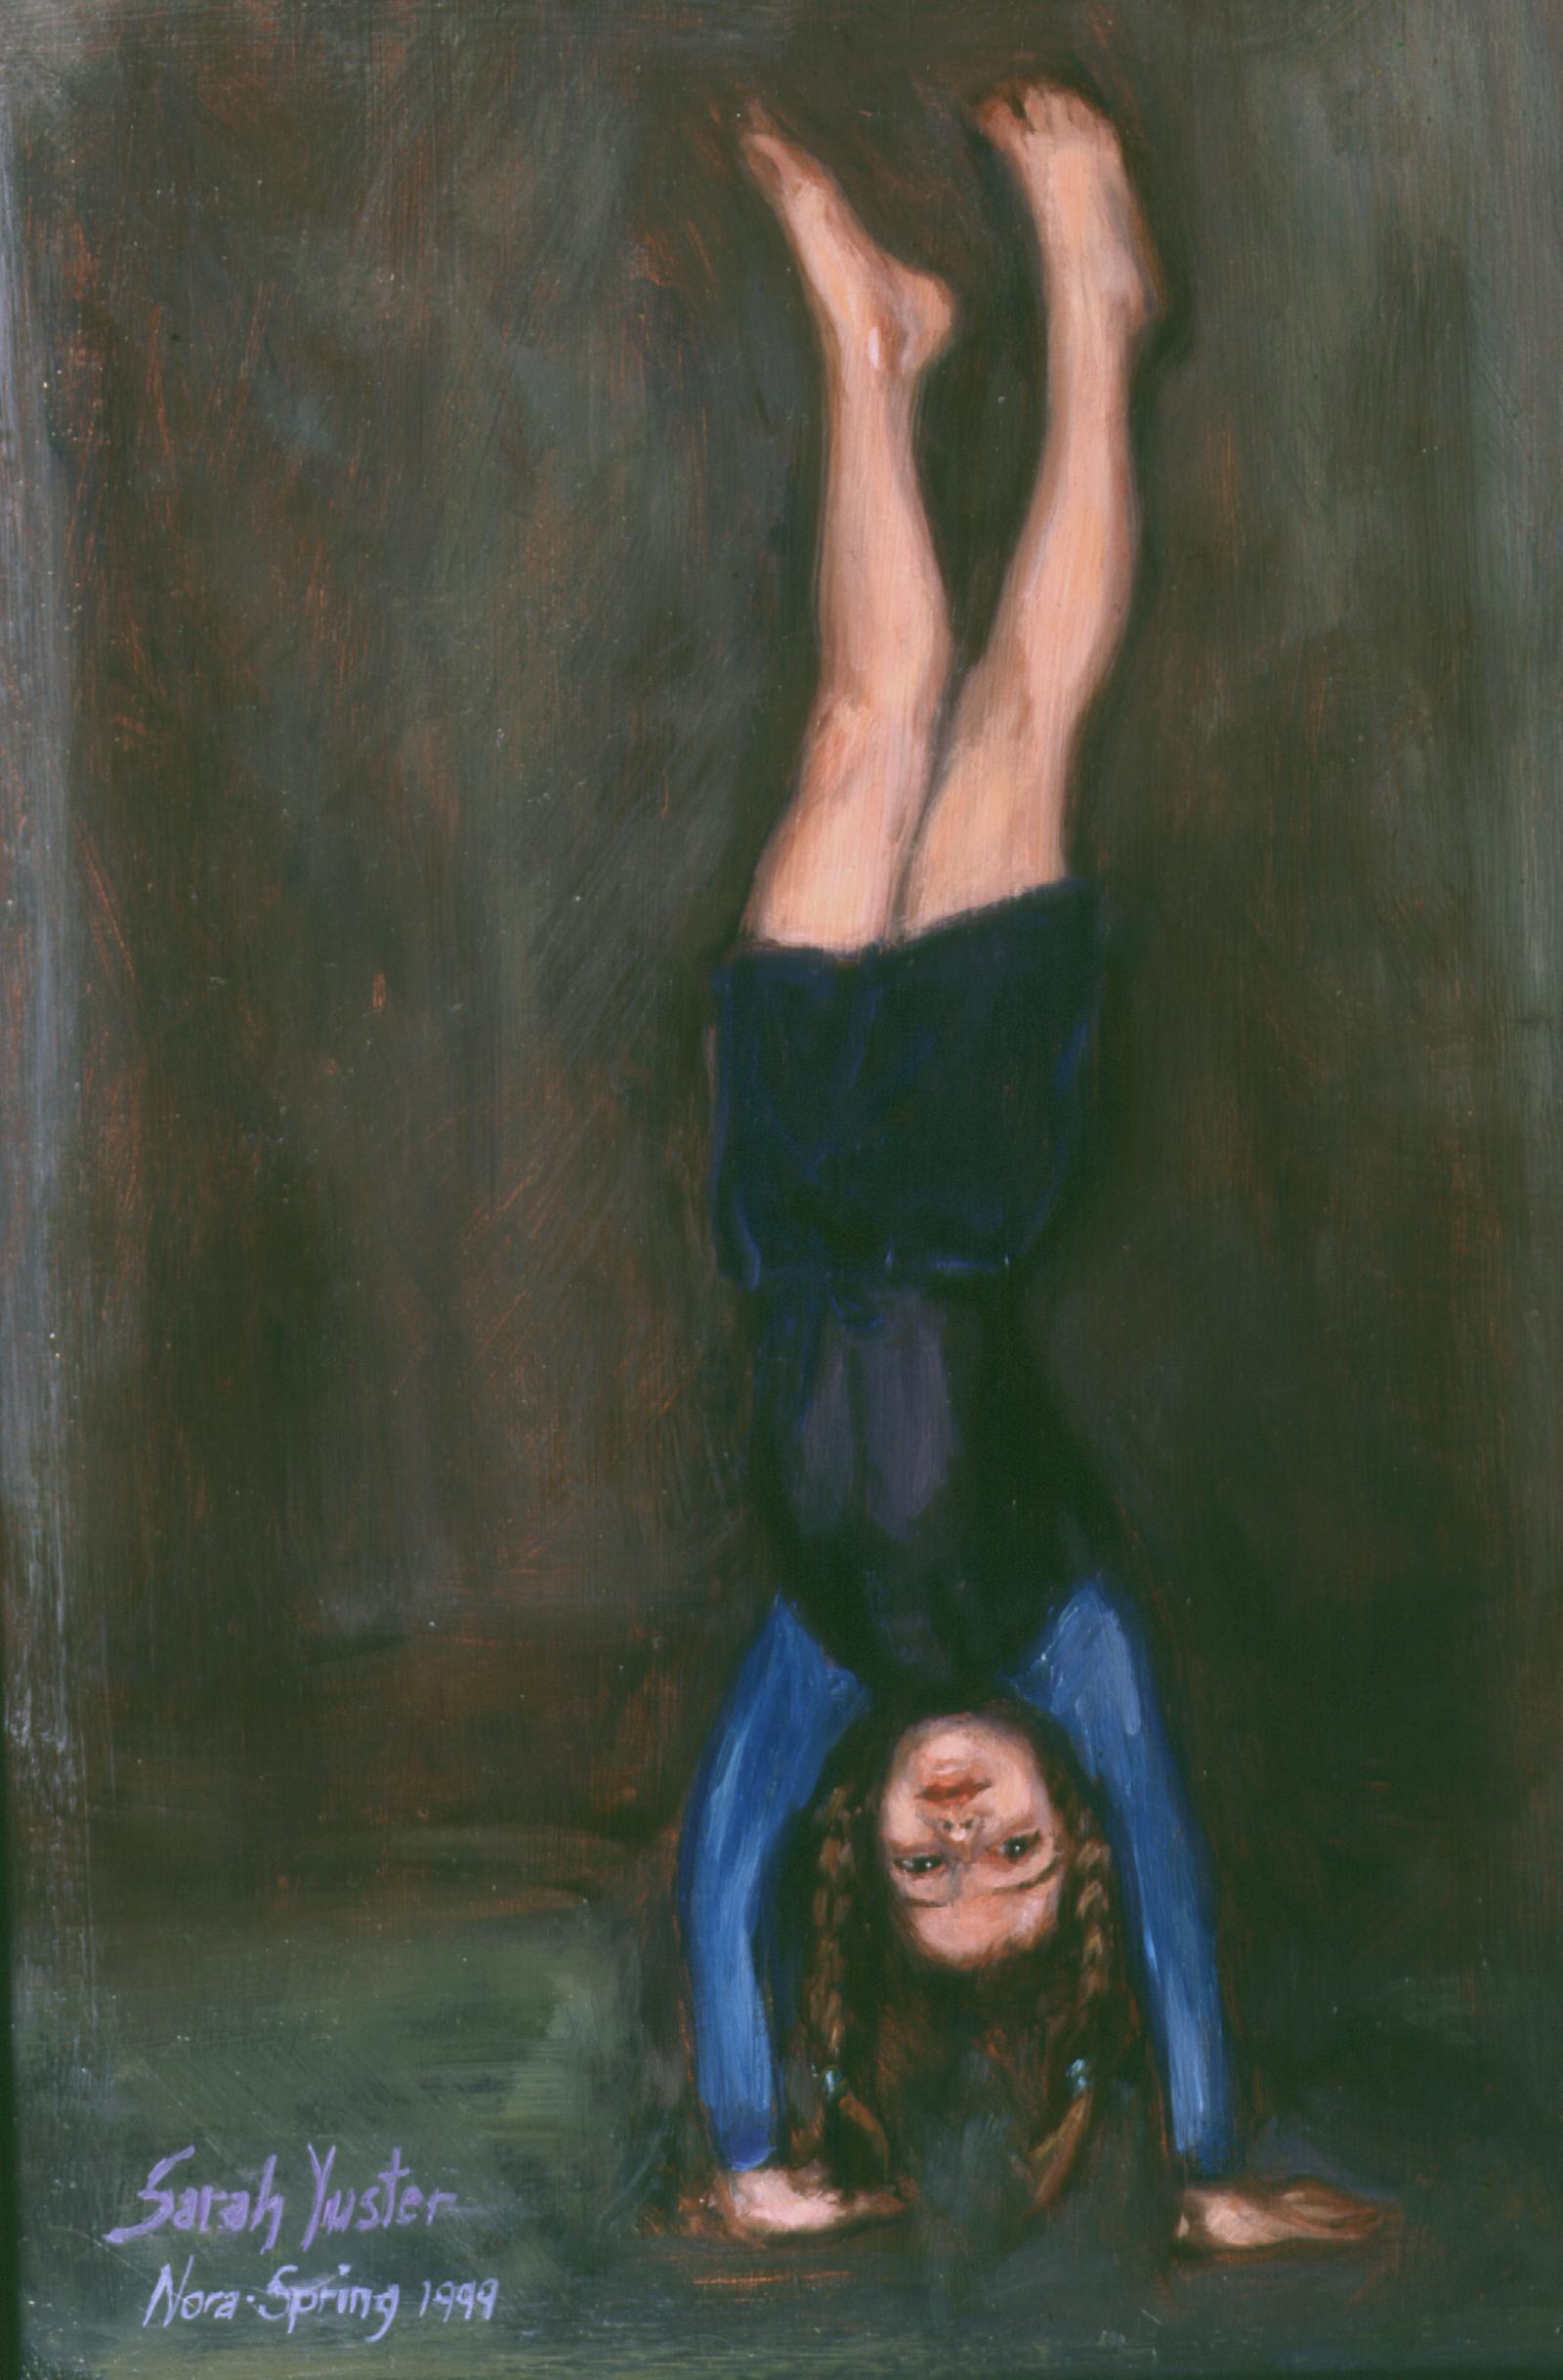 Nora - 1999